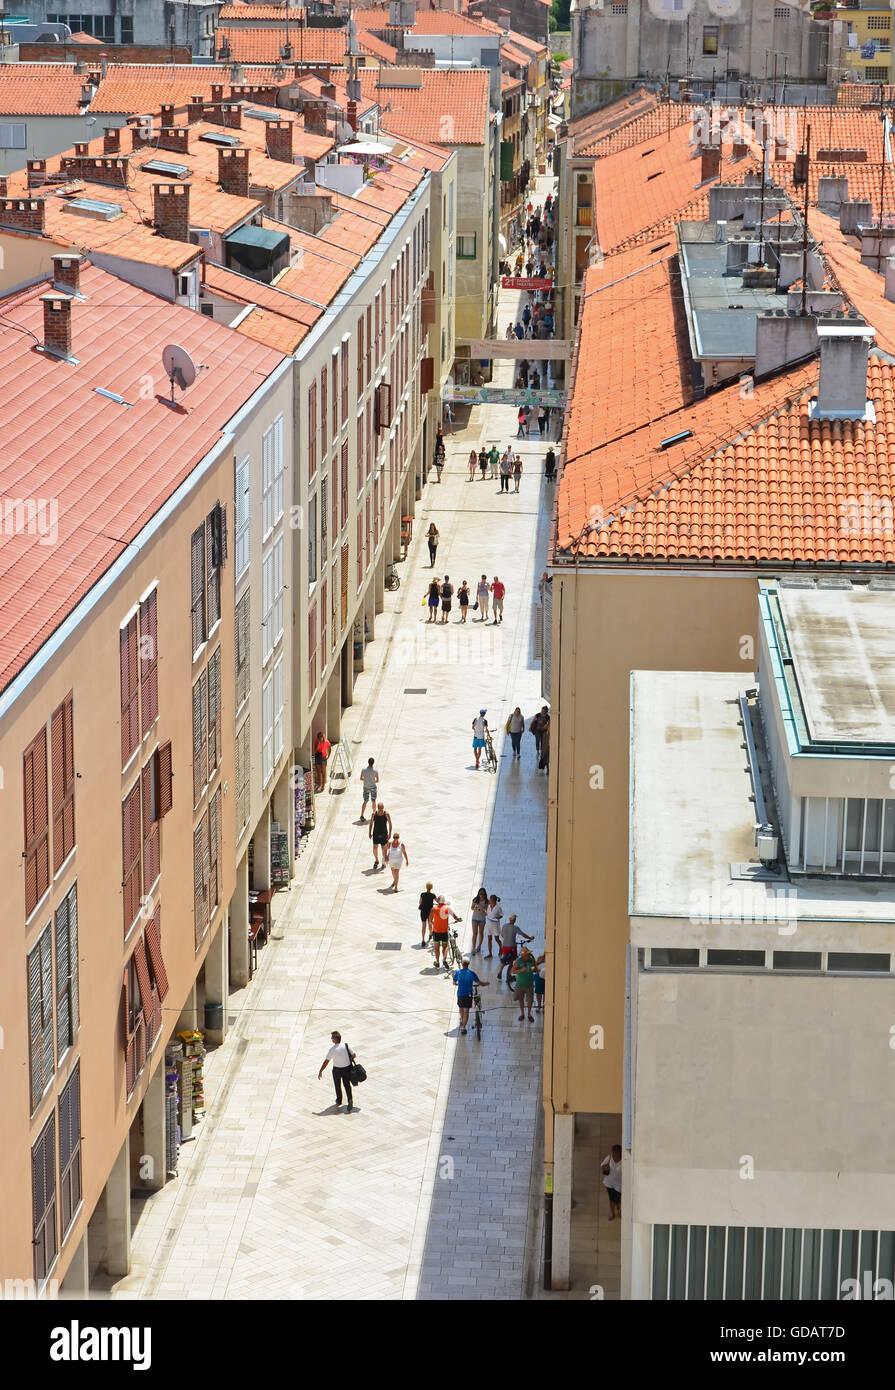 Menschen, die friedlich in der Fußgängerzone nur Altstadt von Zadar, Kroatien Stockbild